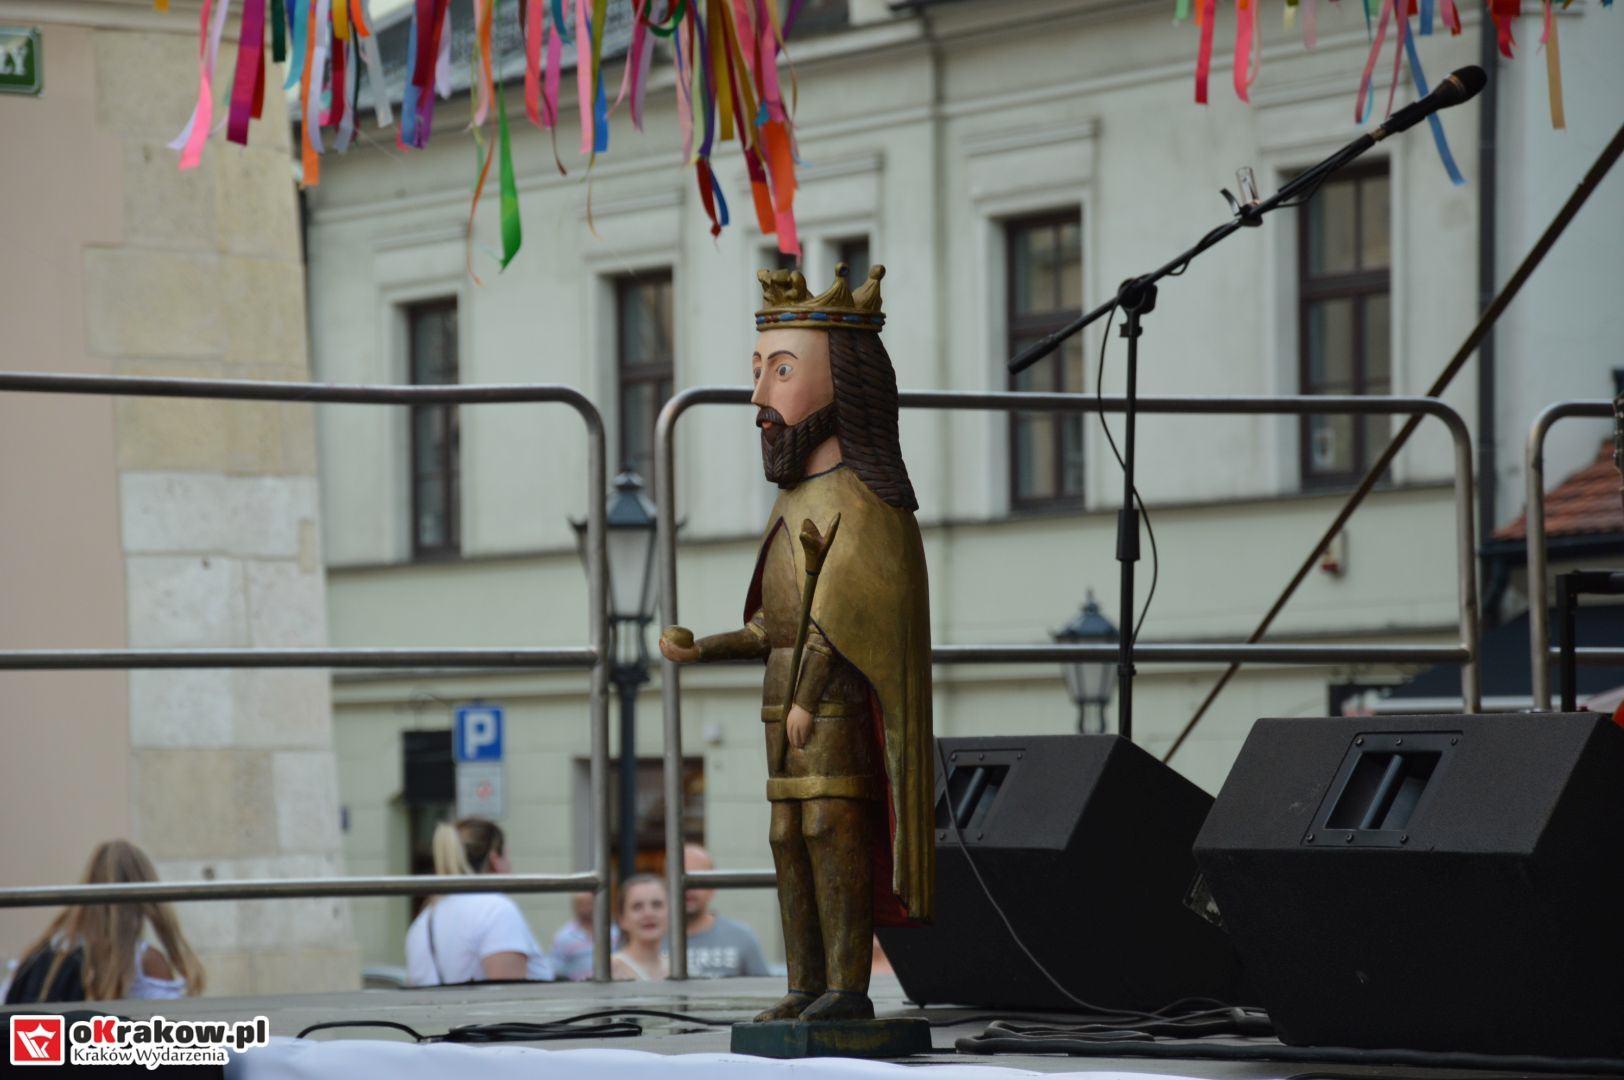 krakow festiwal pierogow maly rynek koncert cheap tobacco 98 150x150 - Galeria zdjęć Festiwal Pierogów Kraków 2018 + zdjęcia z koncertu Cheap Tobacco